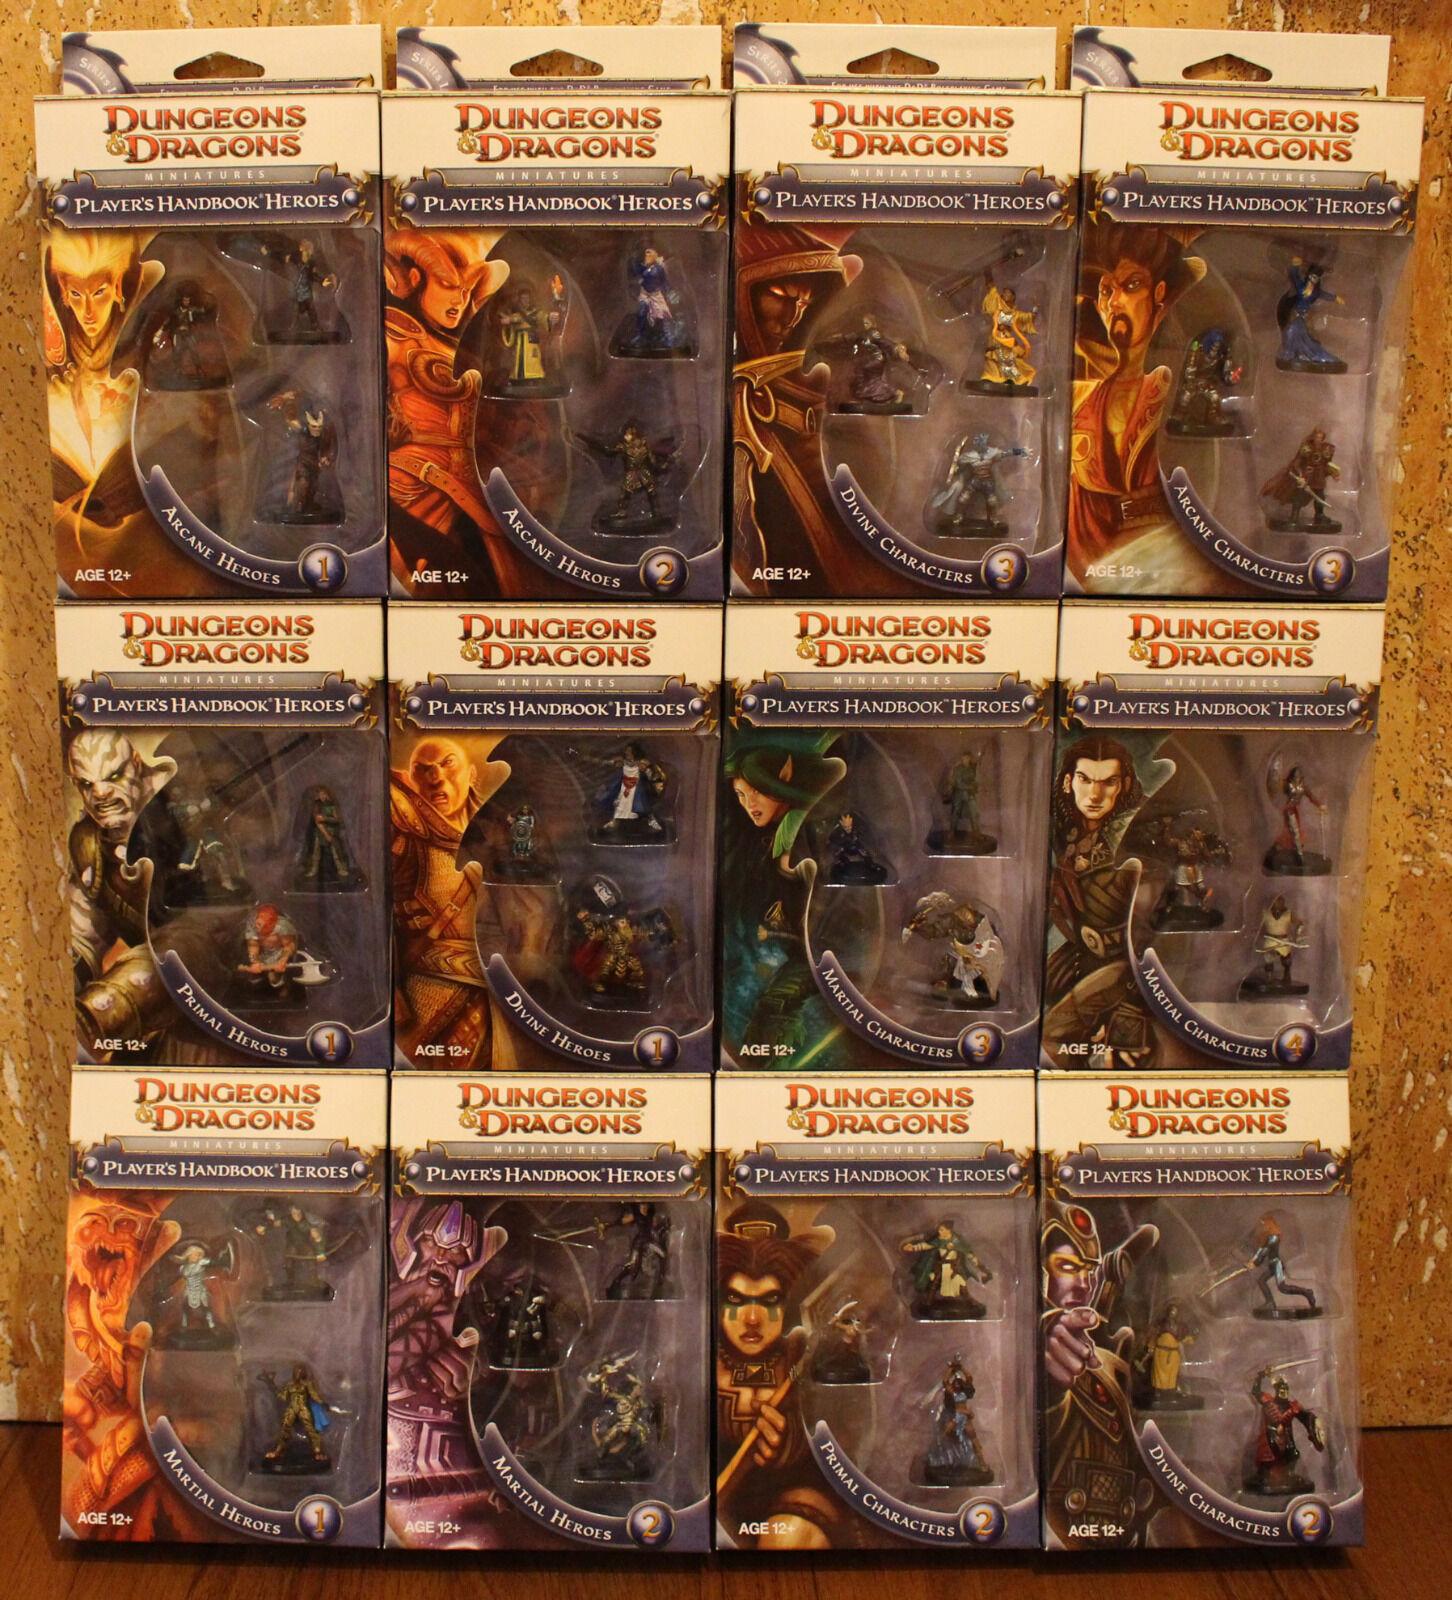 Dungeons & Dragons miniaturas Manual héroes del jugador (serie 1 y 2, conjunto completo)